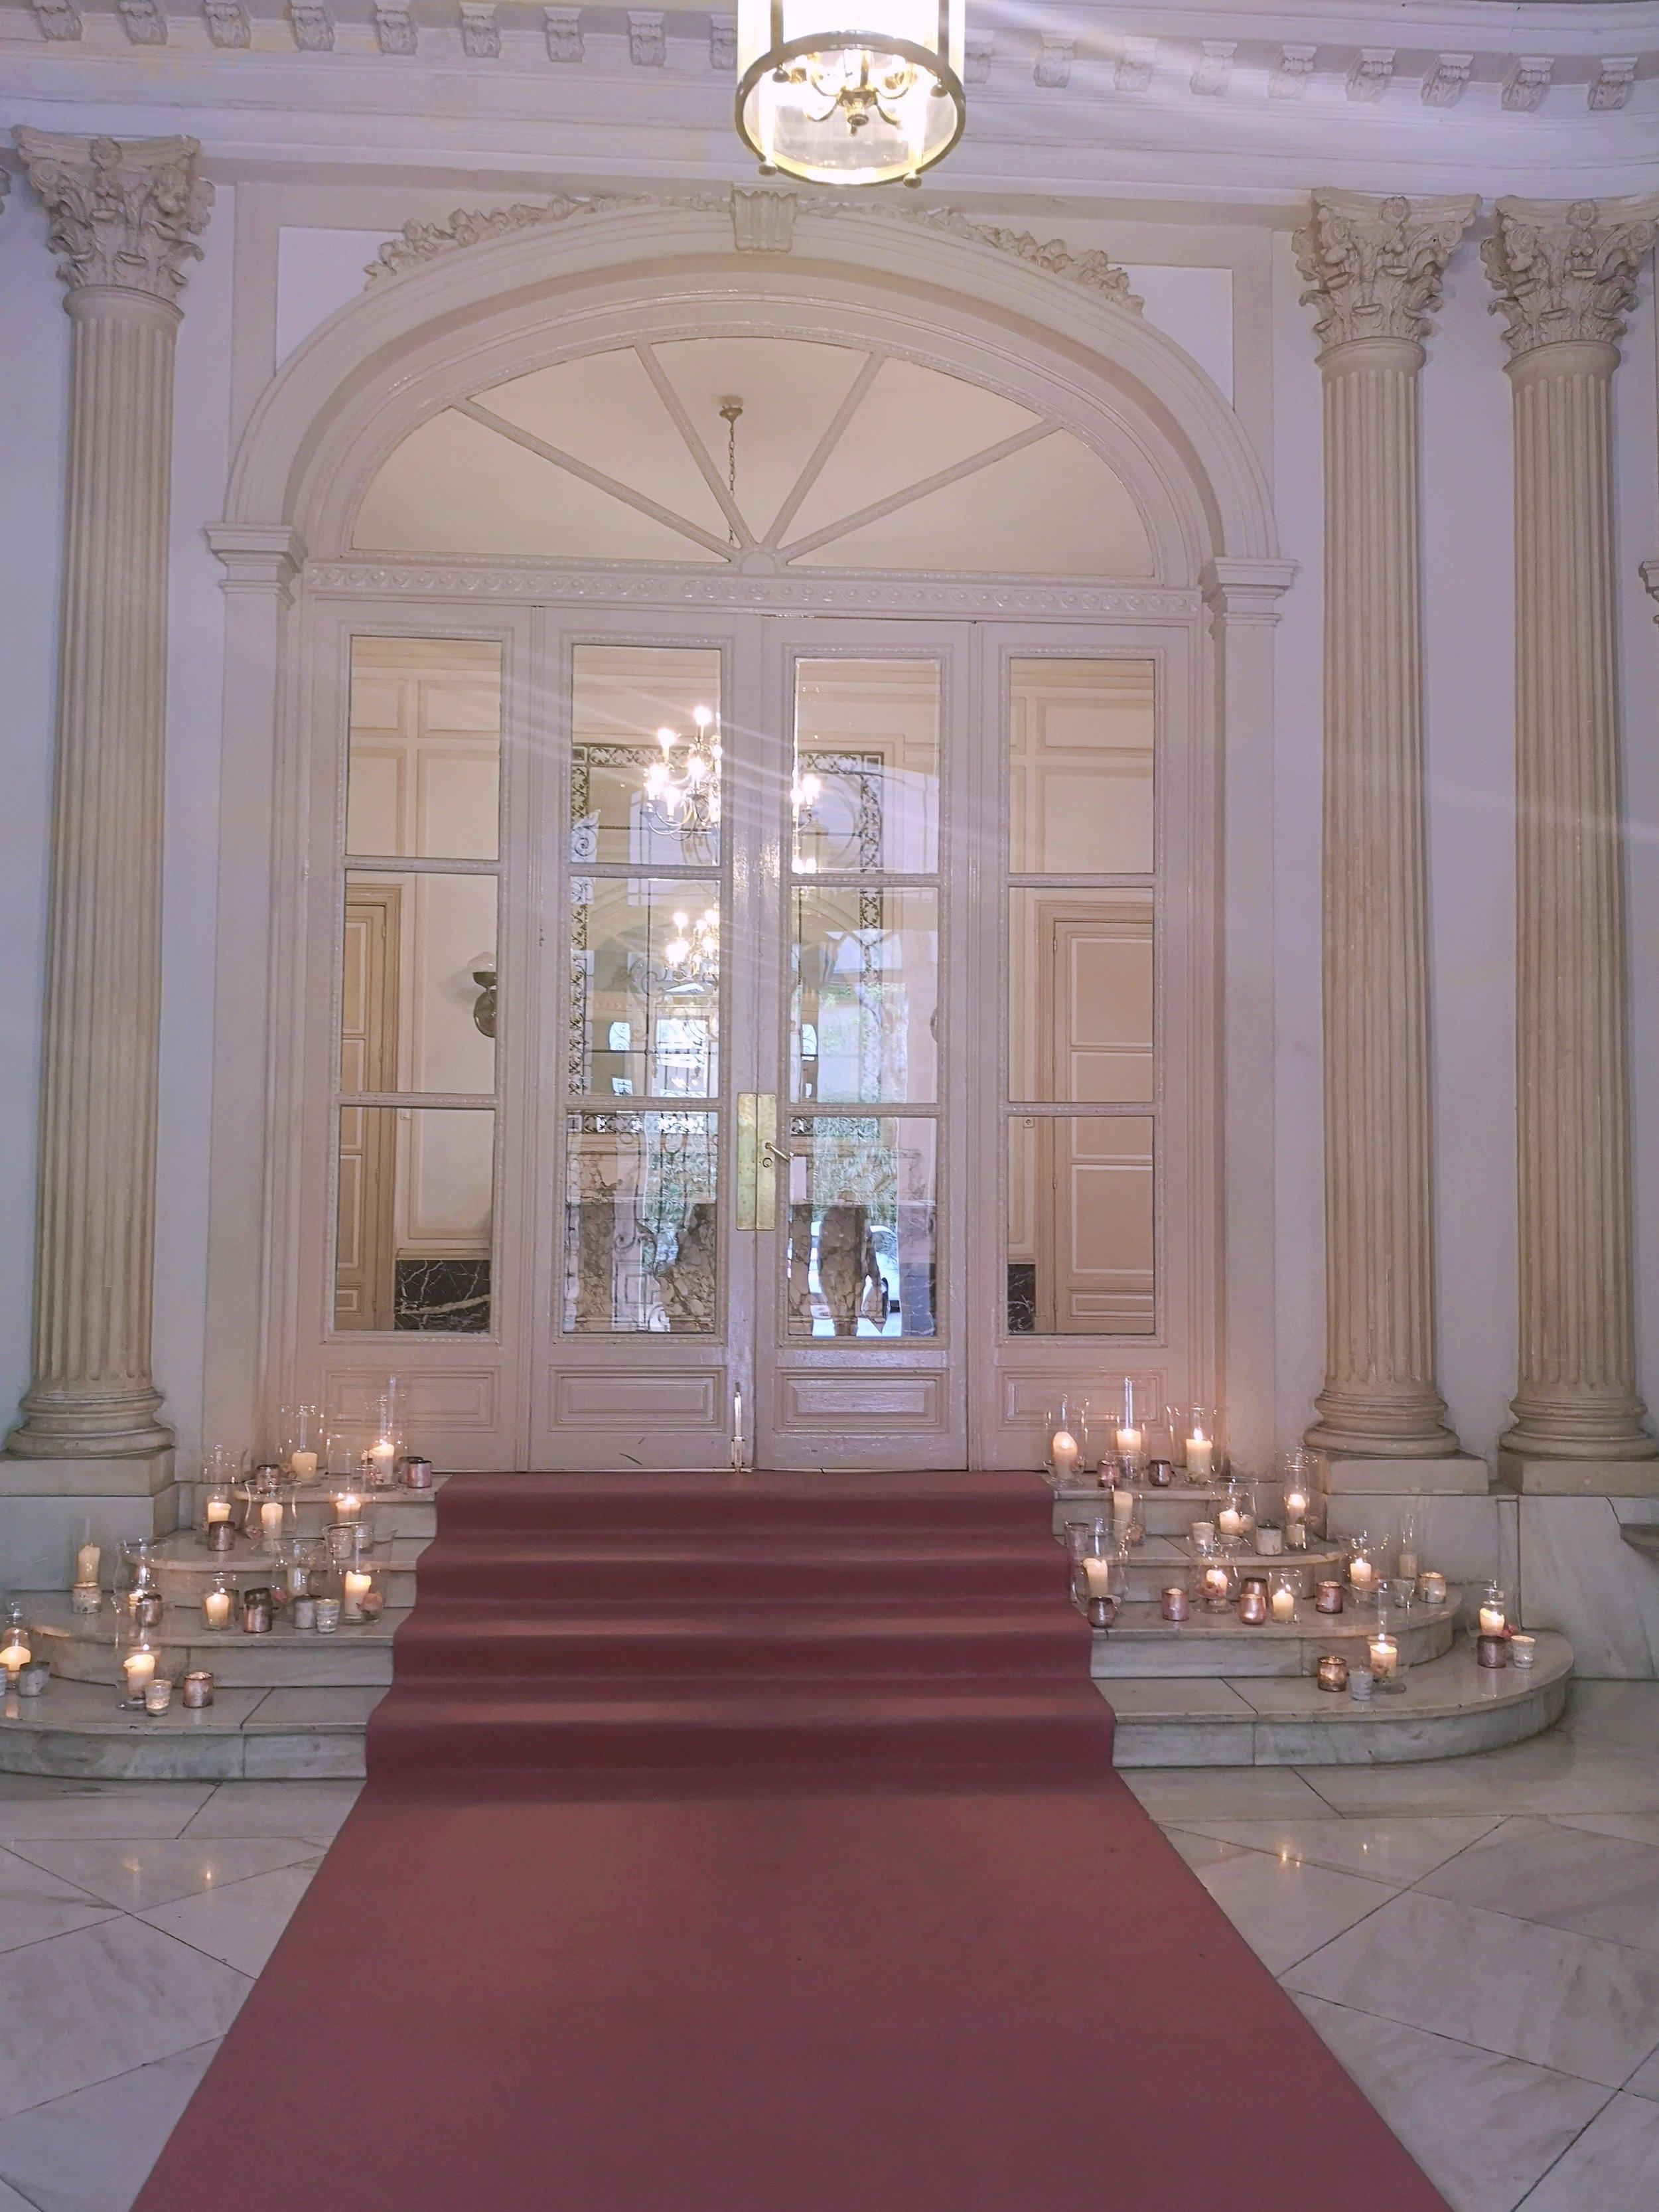 Esta era la entrada al Consulado, elegancia y belleza…. todo junto.